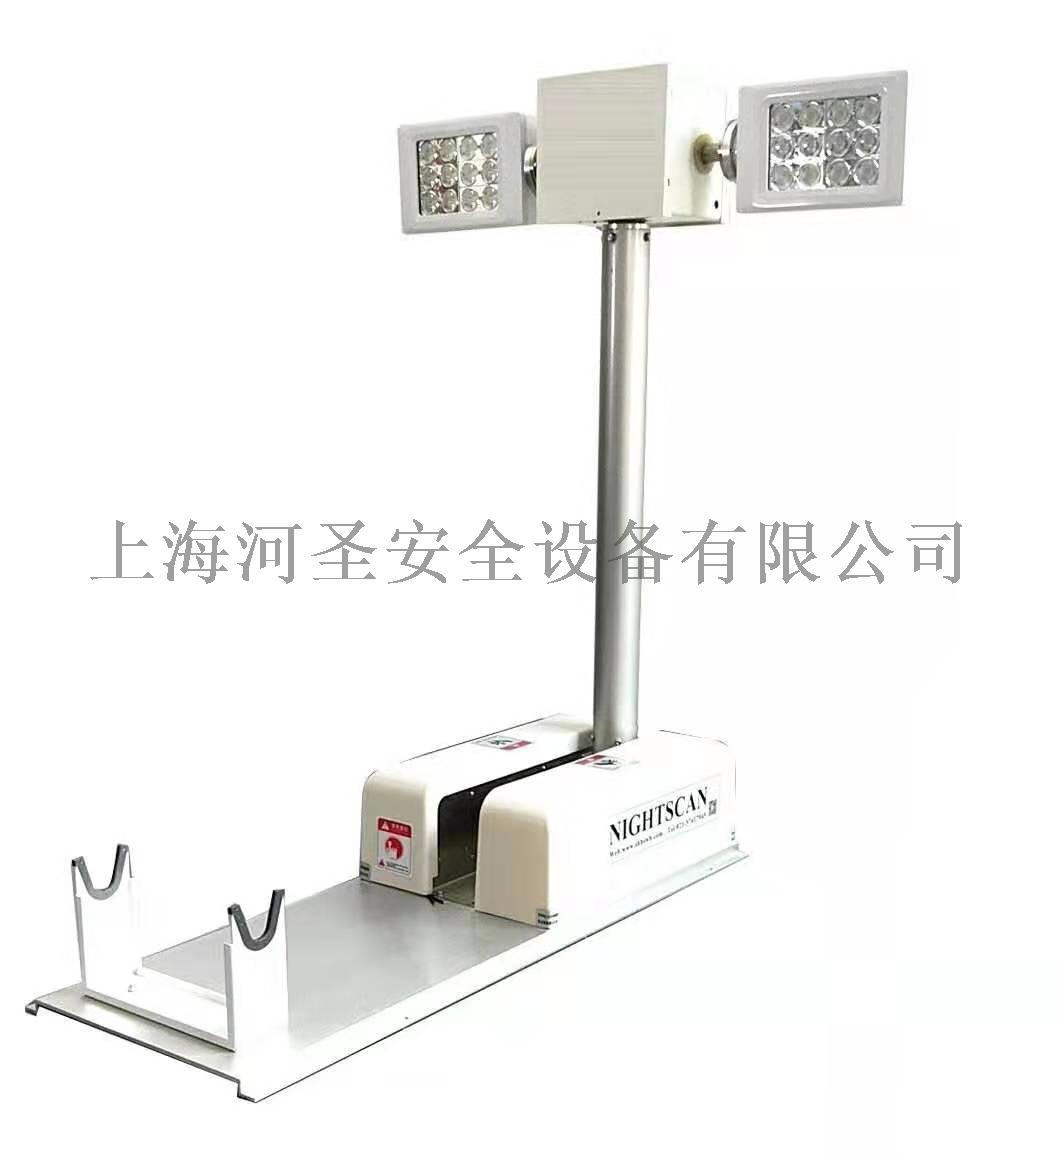 河圣车载移动照明设备WD-12-300J108445612